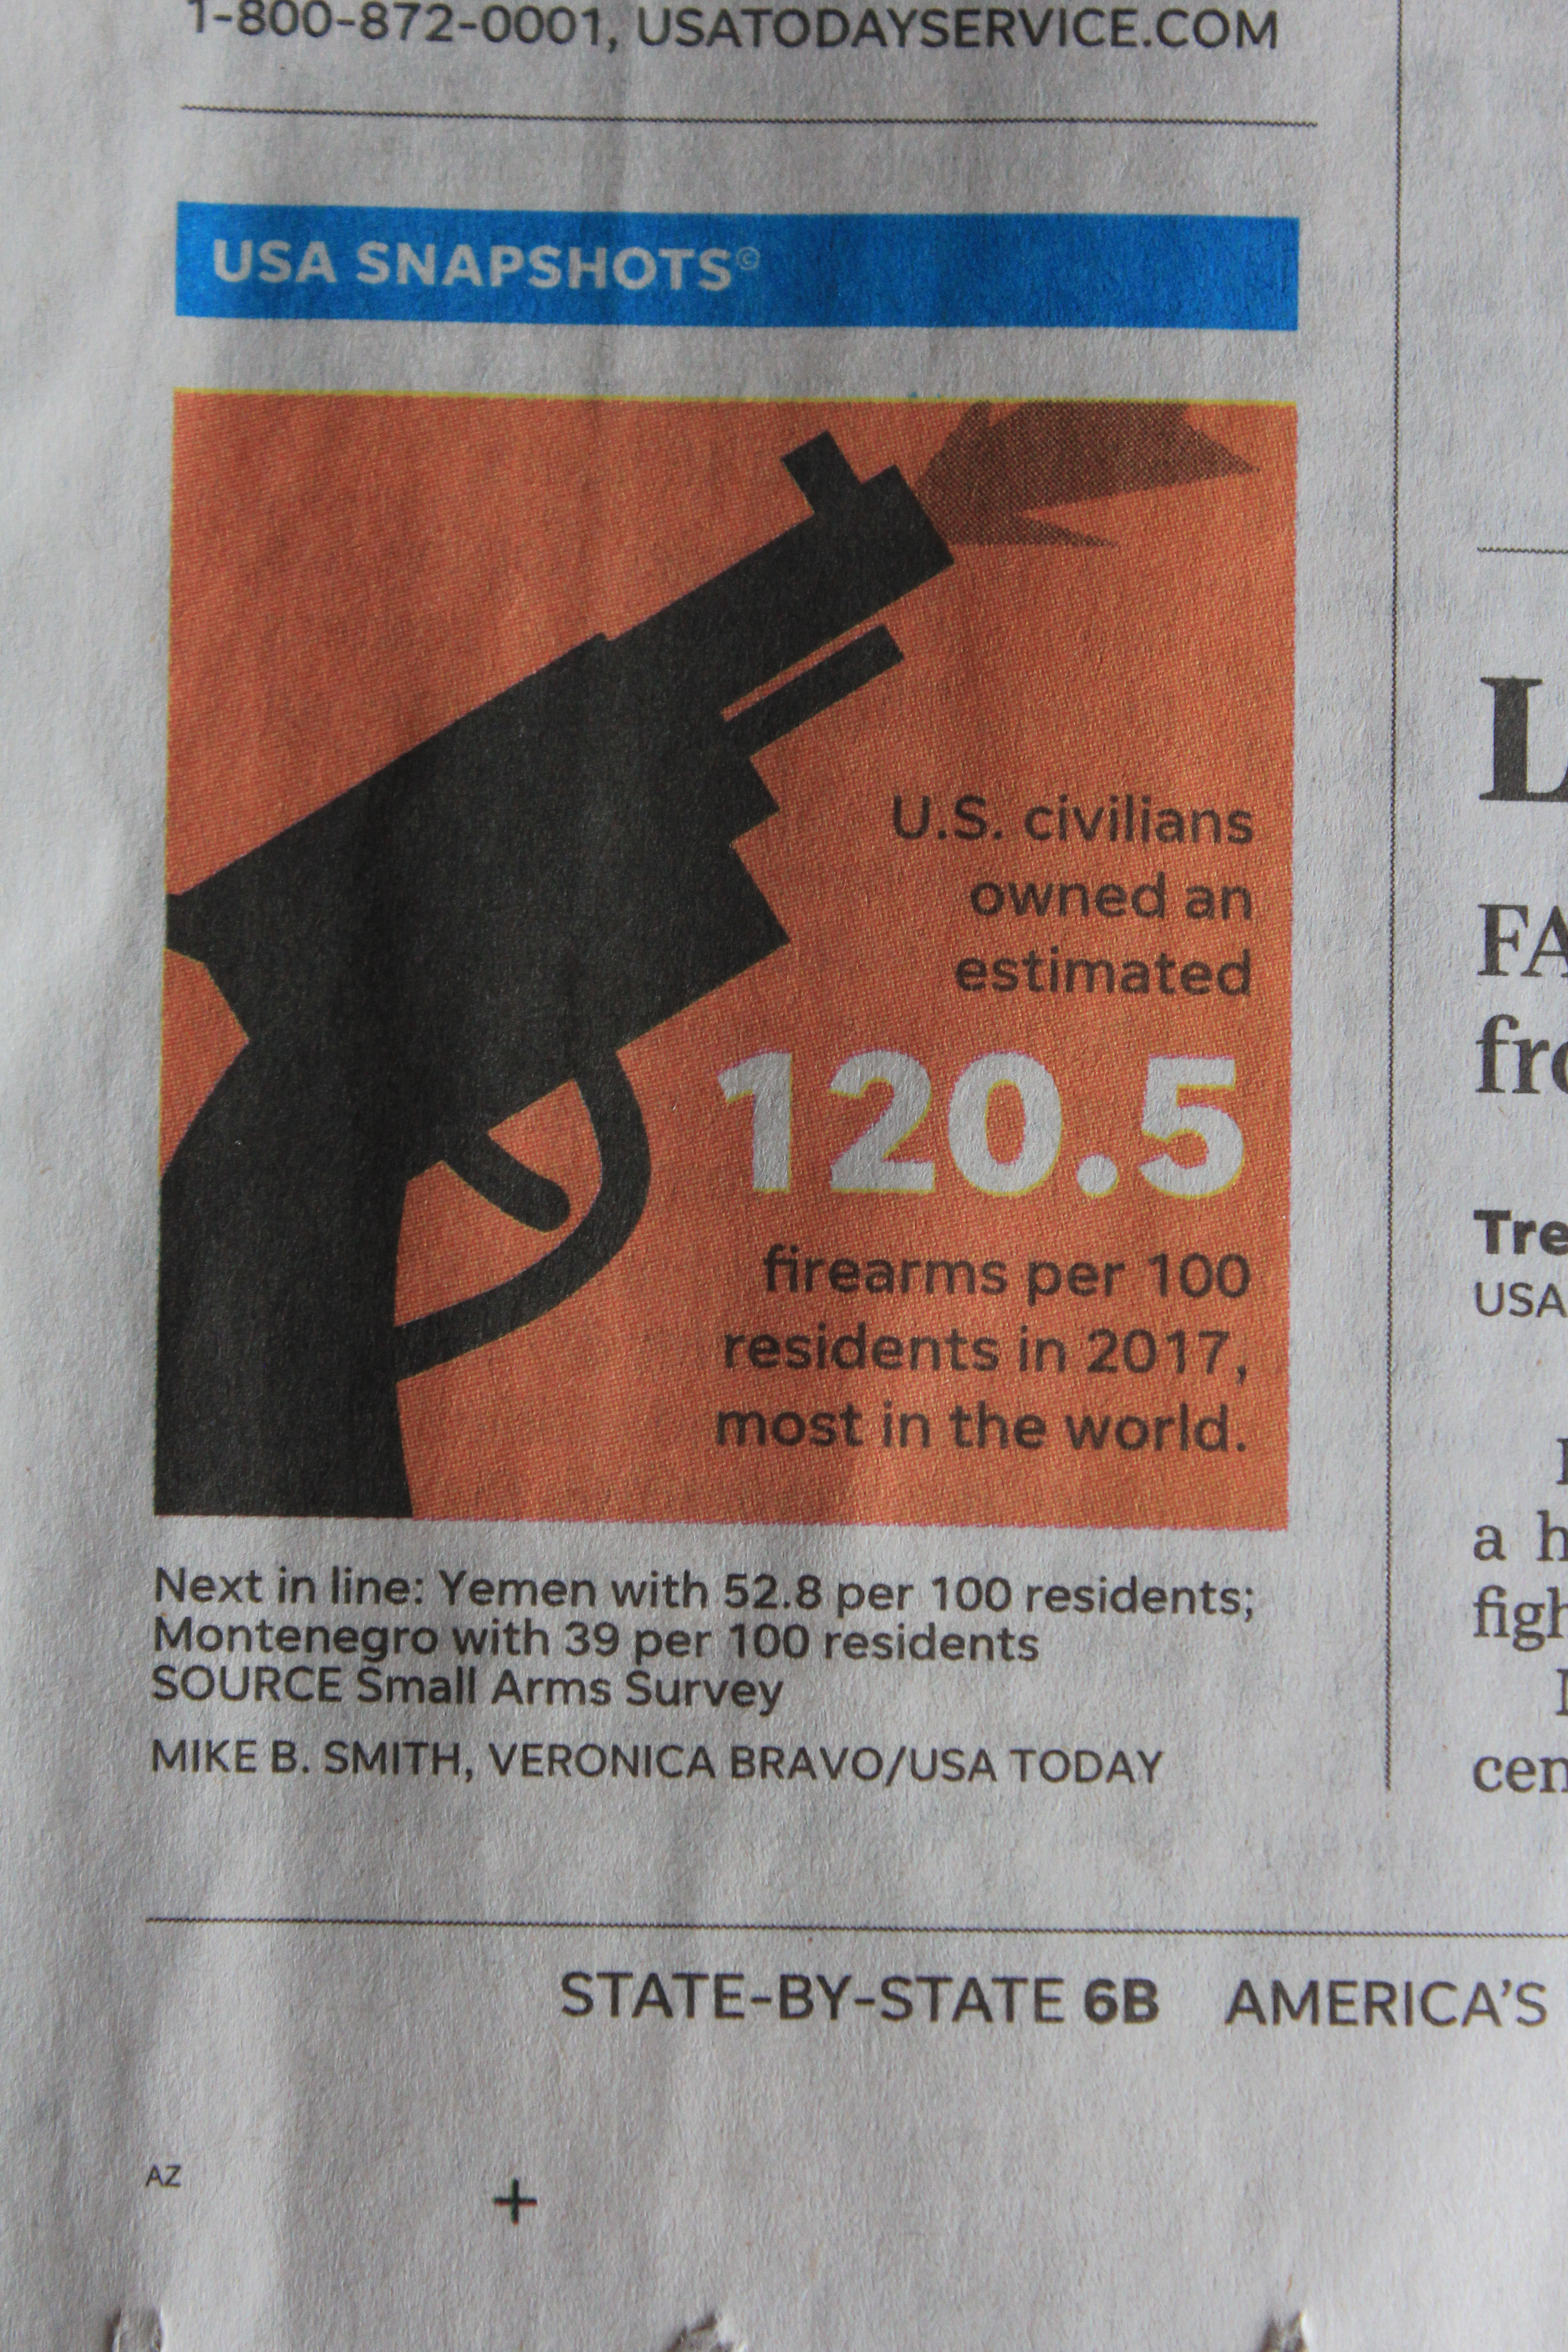 120.5 armi per 100 cittadini negli Usa. Usa Today di oggi. Taccuino